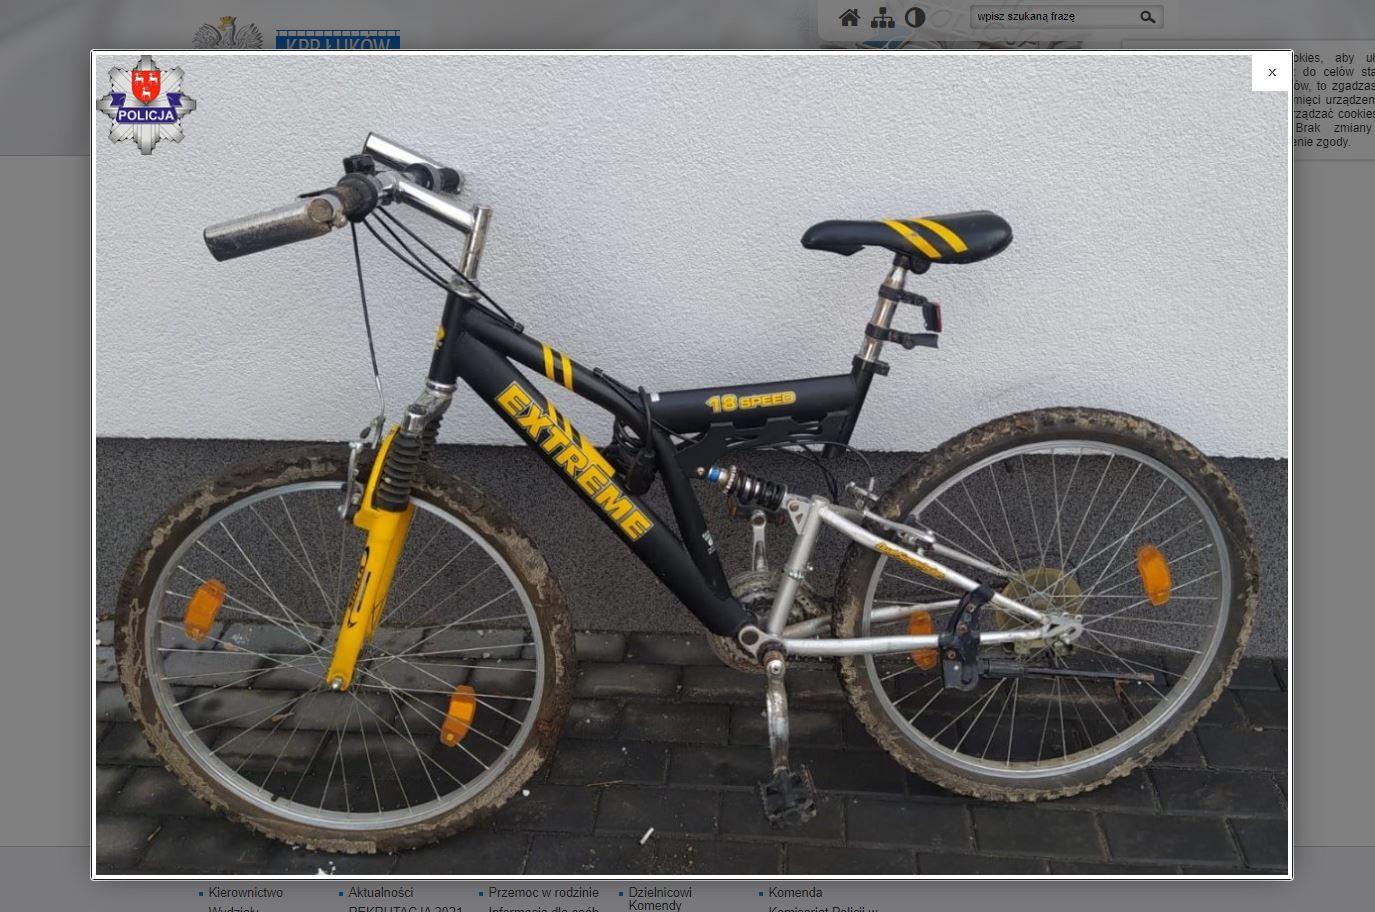 Poszukiwany właściciel  roweru. Ogłoszenie policji  - Zdjęcie główne